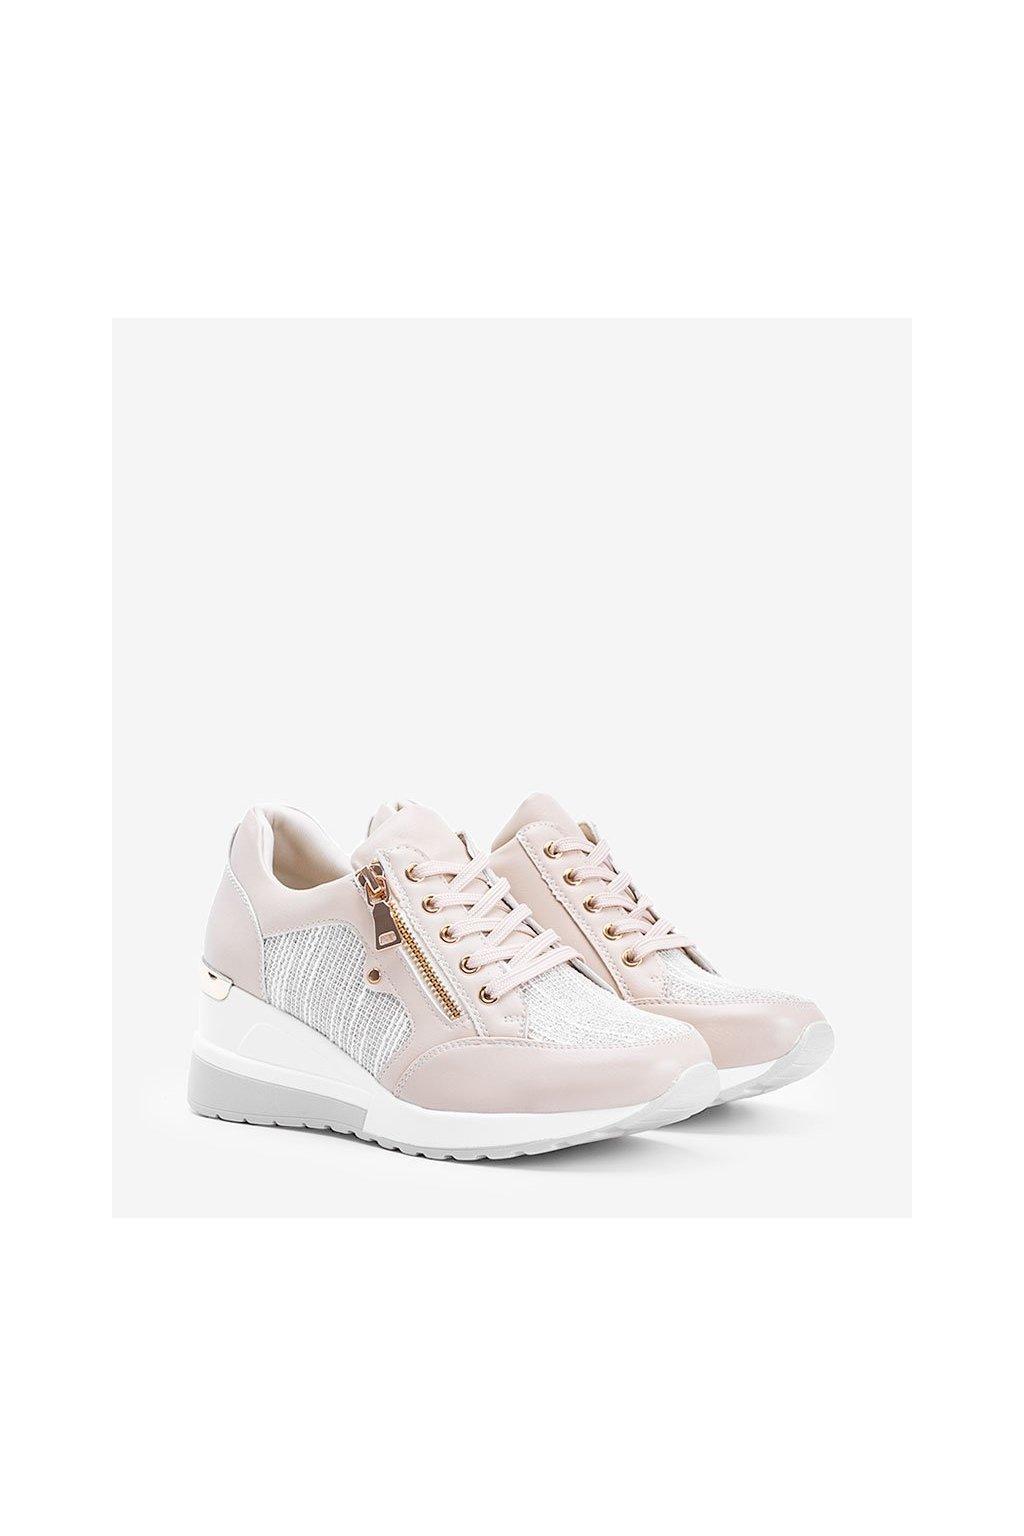 Dámske topánky tenisky hnedé kód Y9521 - GM